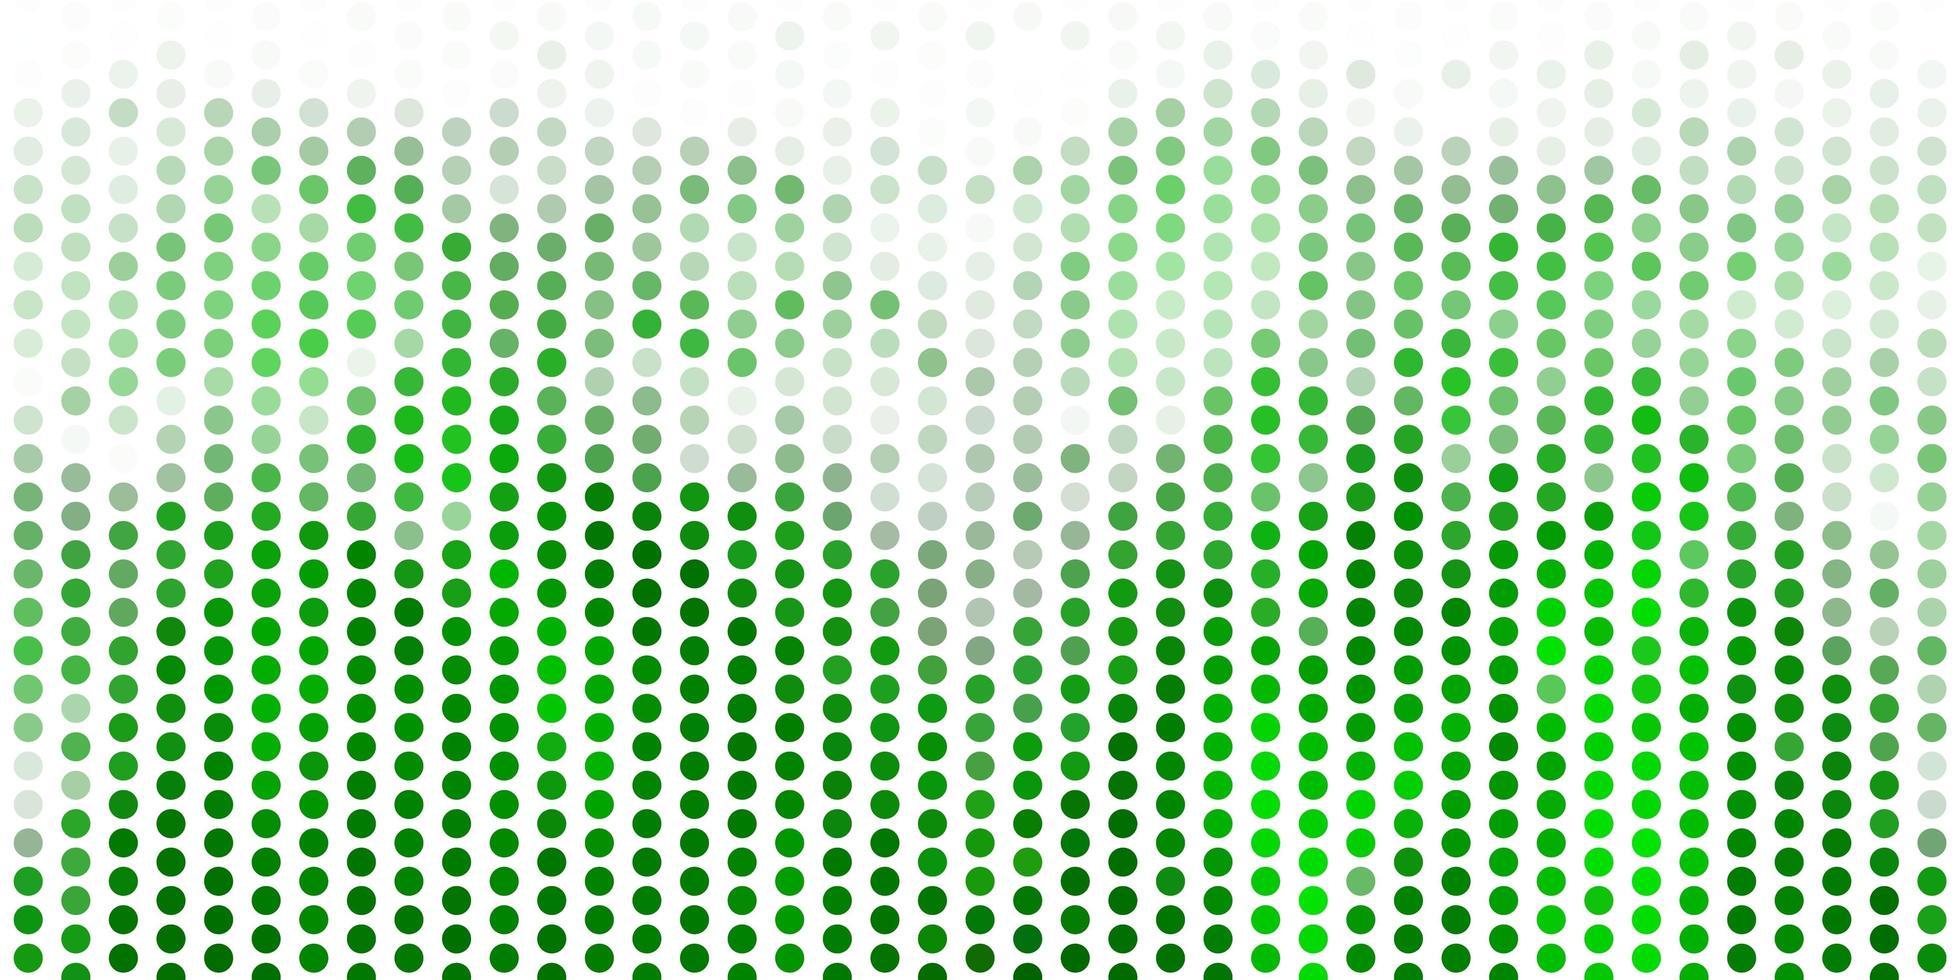 disposition de vecteur vert clair avec des formes de cercle.